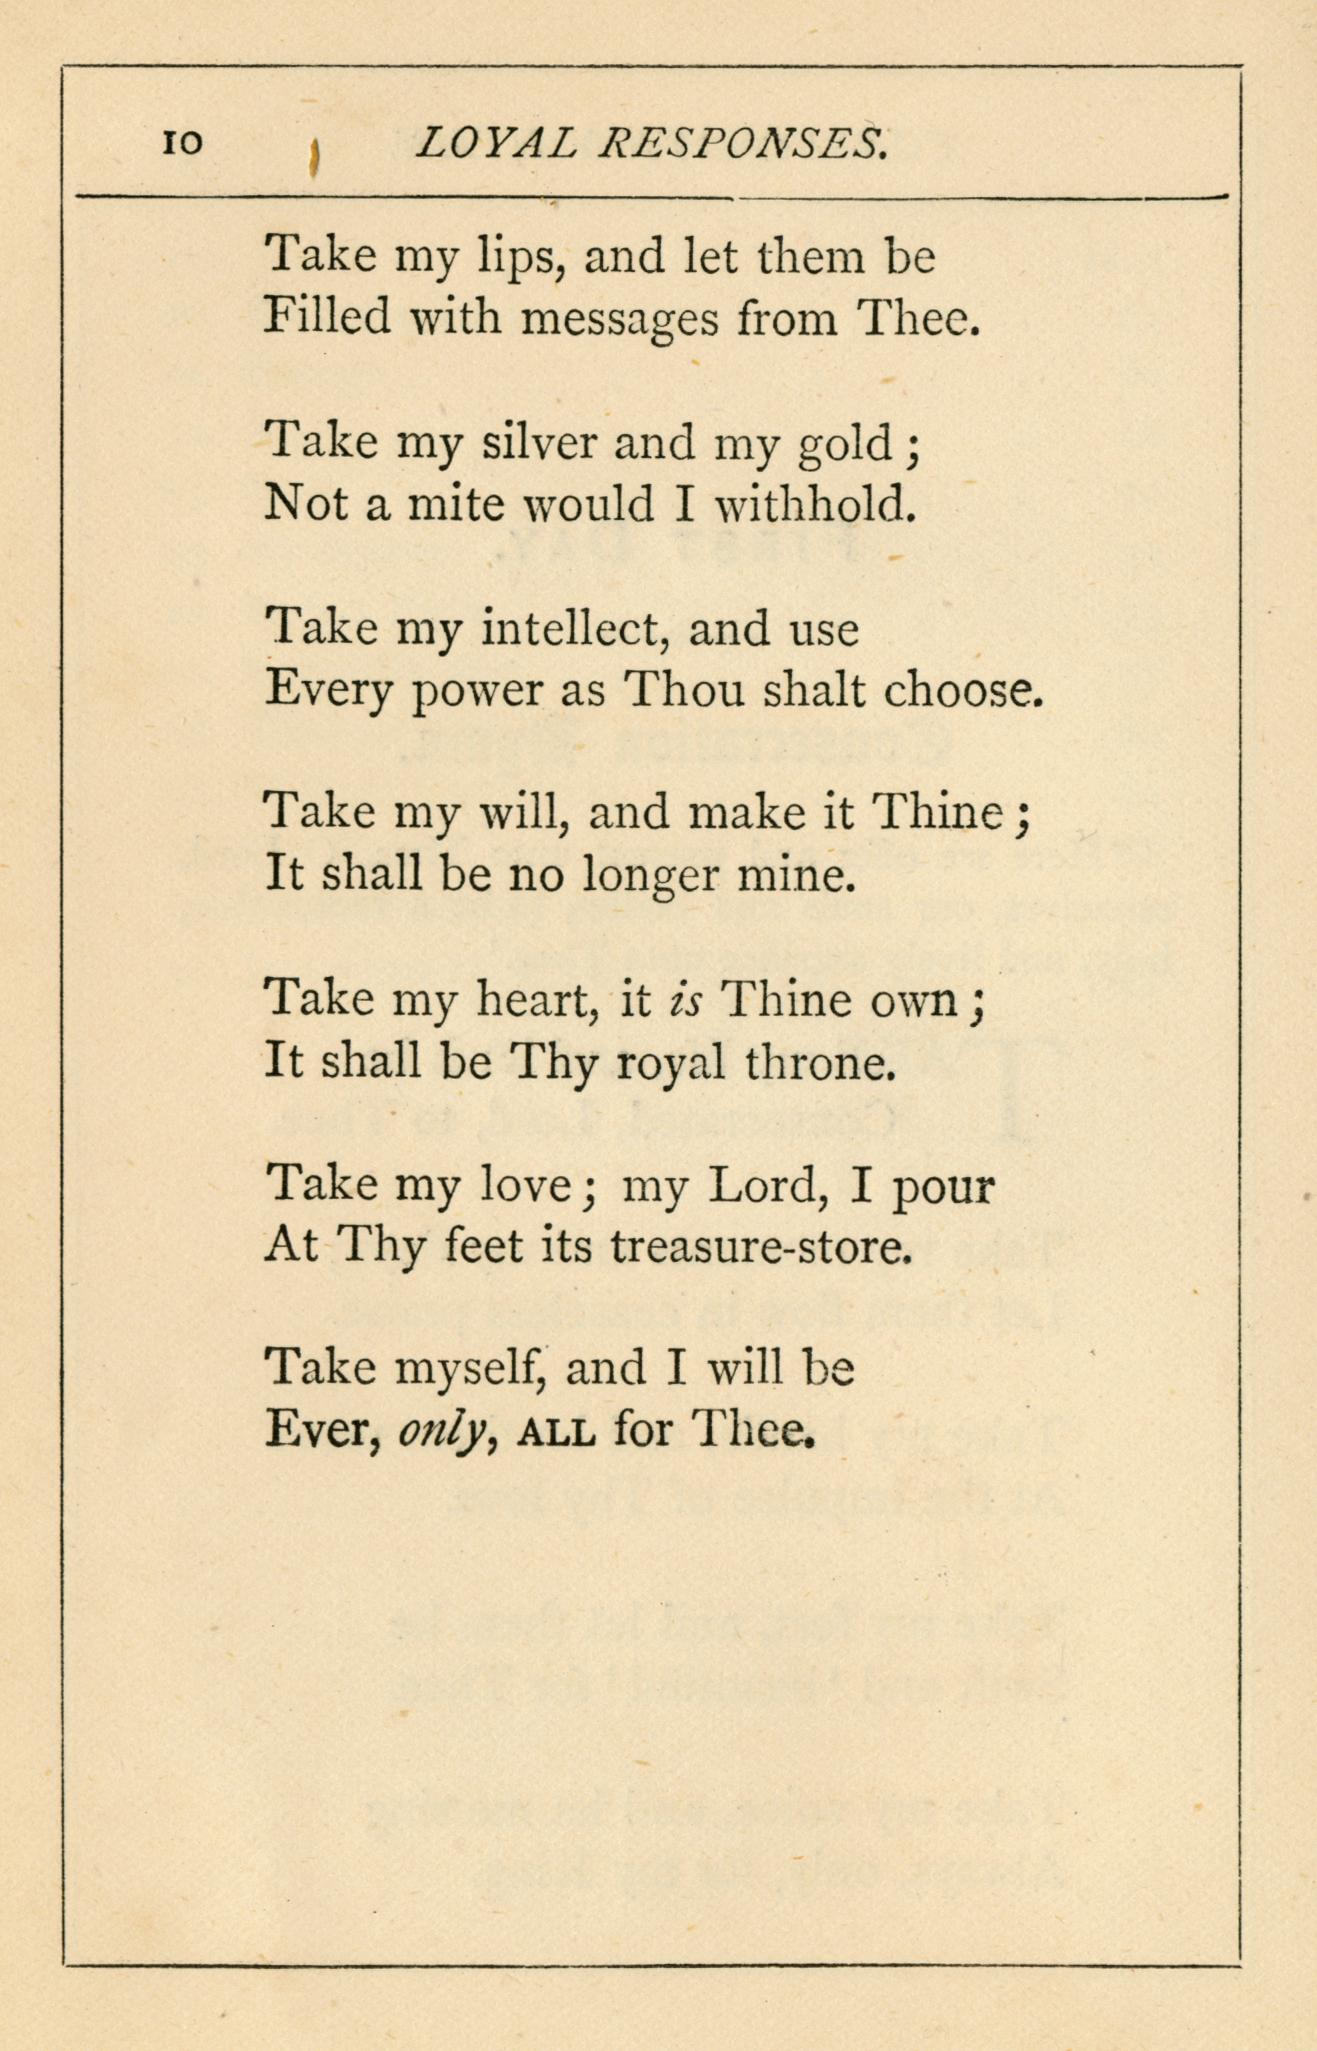 TakeMyLife-LoyalResponses-1878b2.jpg